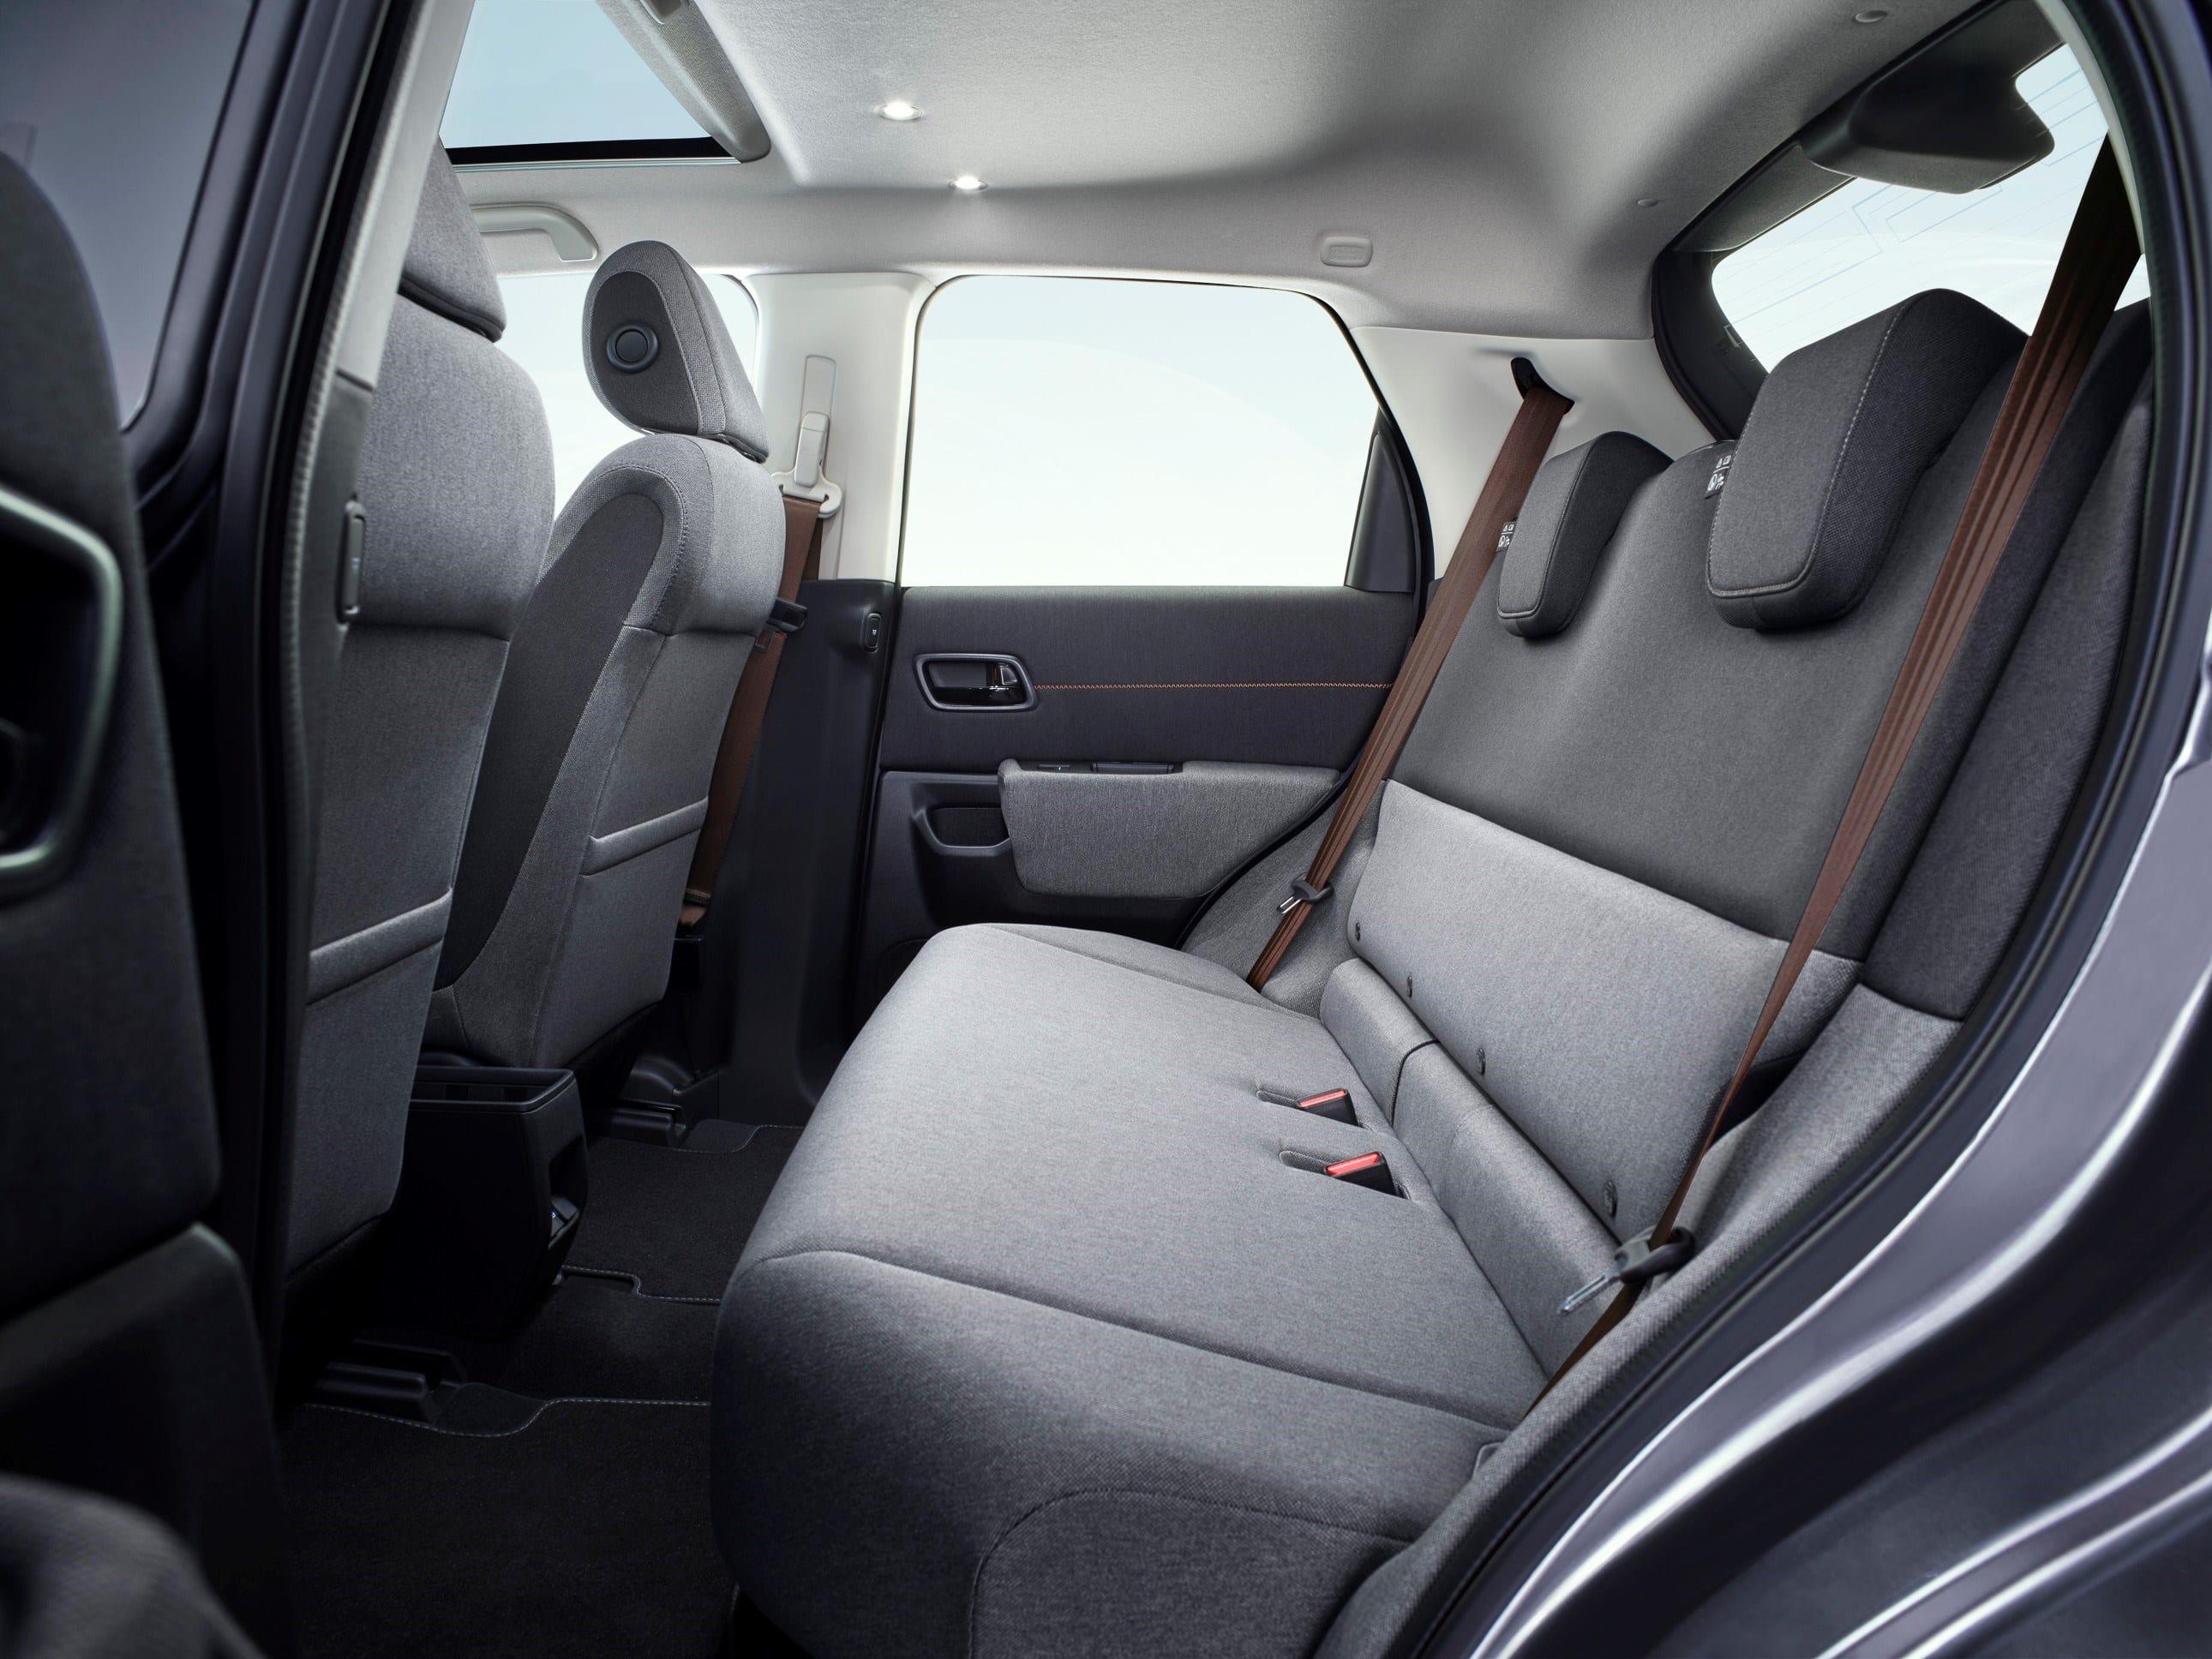 De Honda e heeft een zeer ruim interieur dat bij iedereen past. De zitplaatsen achter bieden uw passagiers uitstekende beenruimte. De Honda e is een van de ruimste auto's in de categorie kleine auto.